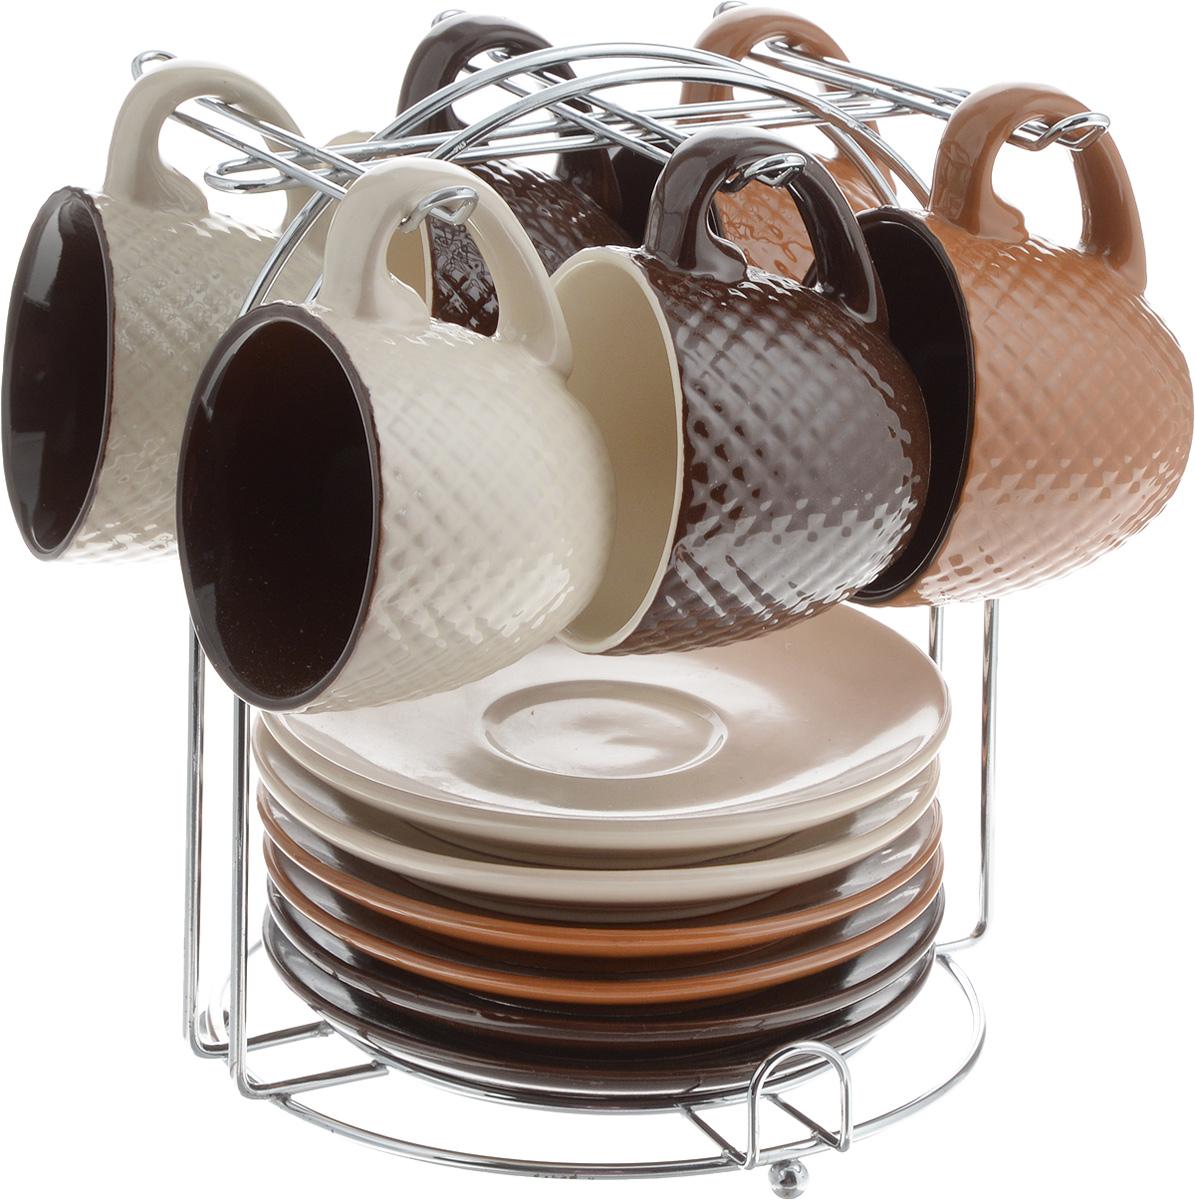 Набор кофейный Loraine, на подставке, 90 мл, 13 предметов. 2466724667Кофейный набор Loraine состоит из 6 чашек и 6 блюдец, выполненных из высококачественного керамики. Изящный дизайн придется по вкусу и ценителям классики, и тем, кто предпочитает утонченность и изысканность. Он настроит на позитивный лад и подарит хорошее настроение с самого утра. Изделия расположены на металлической подставке. Диаметр блюдца: 11,5 см. Высота блюдца: 1,5 см. Диаметр чашки (по верхнему краю): 6,5 см. Высота чашки: 5 см. Объем чашки: 90 мл. Размер подставки: 15 х 15 х 17 см. Рекомендуем!